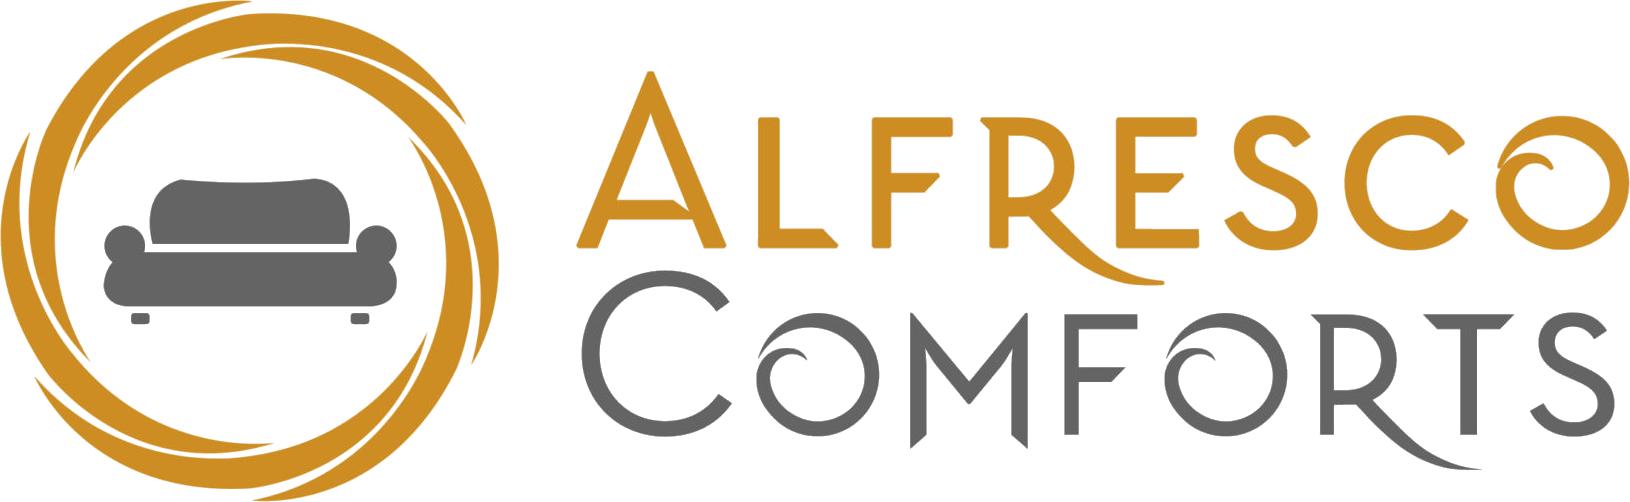 Alfresco Comfort